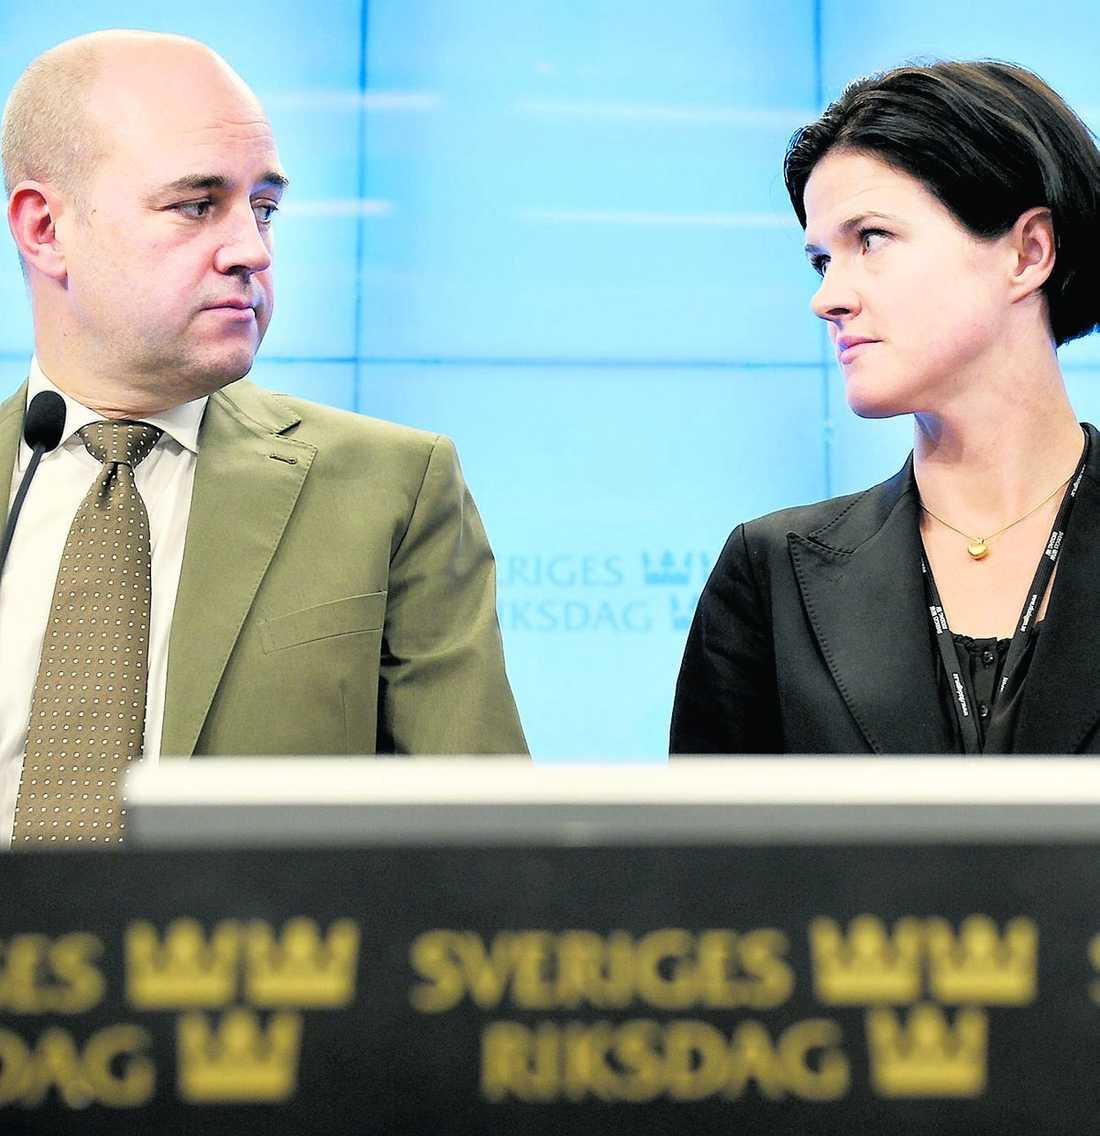 De ska styra och ställa I mars 2011 fick Anna Kinberg Batra jobbet som Moderateras gruppledare av Fredrik Reinfeldt.